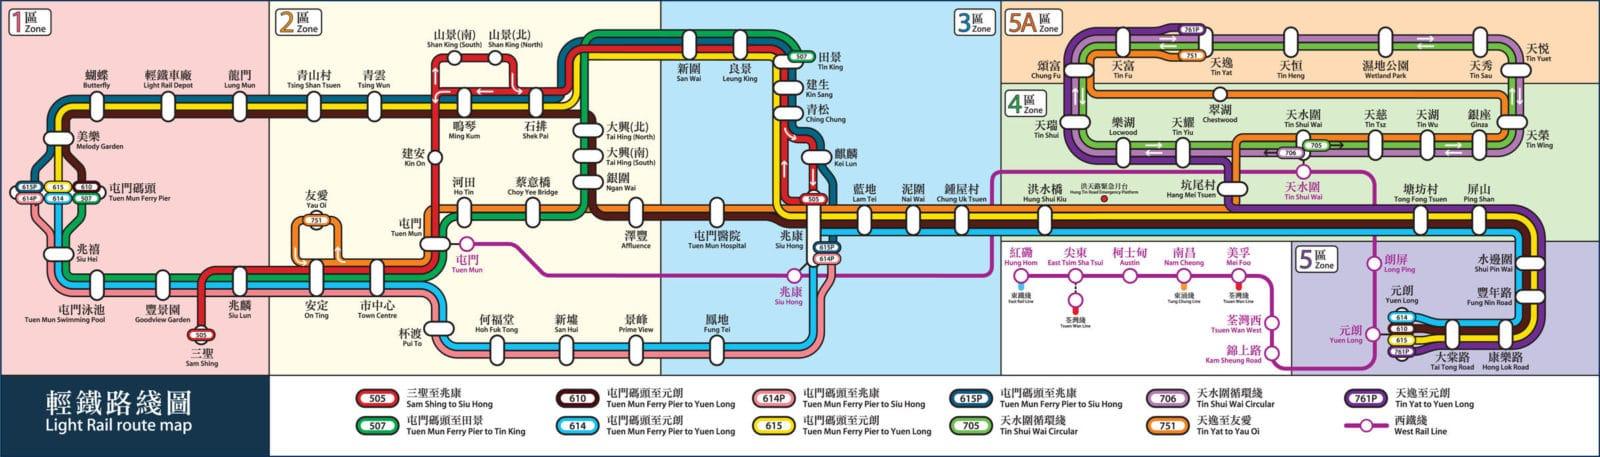 Hong Kong MTR Map 20122013  Printable HK  Kowloon subway and